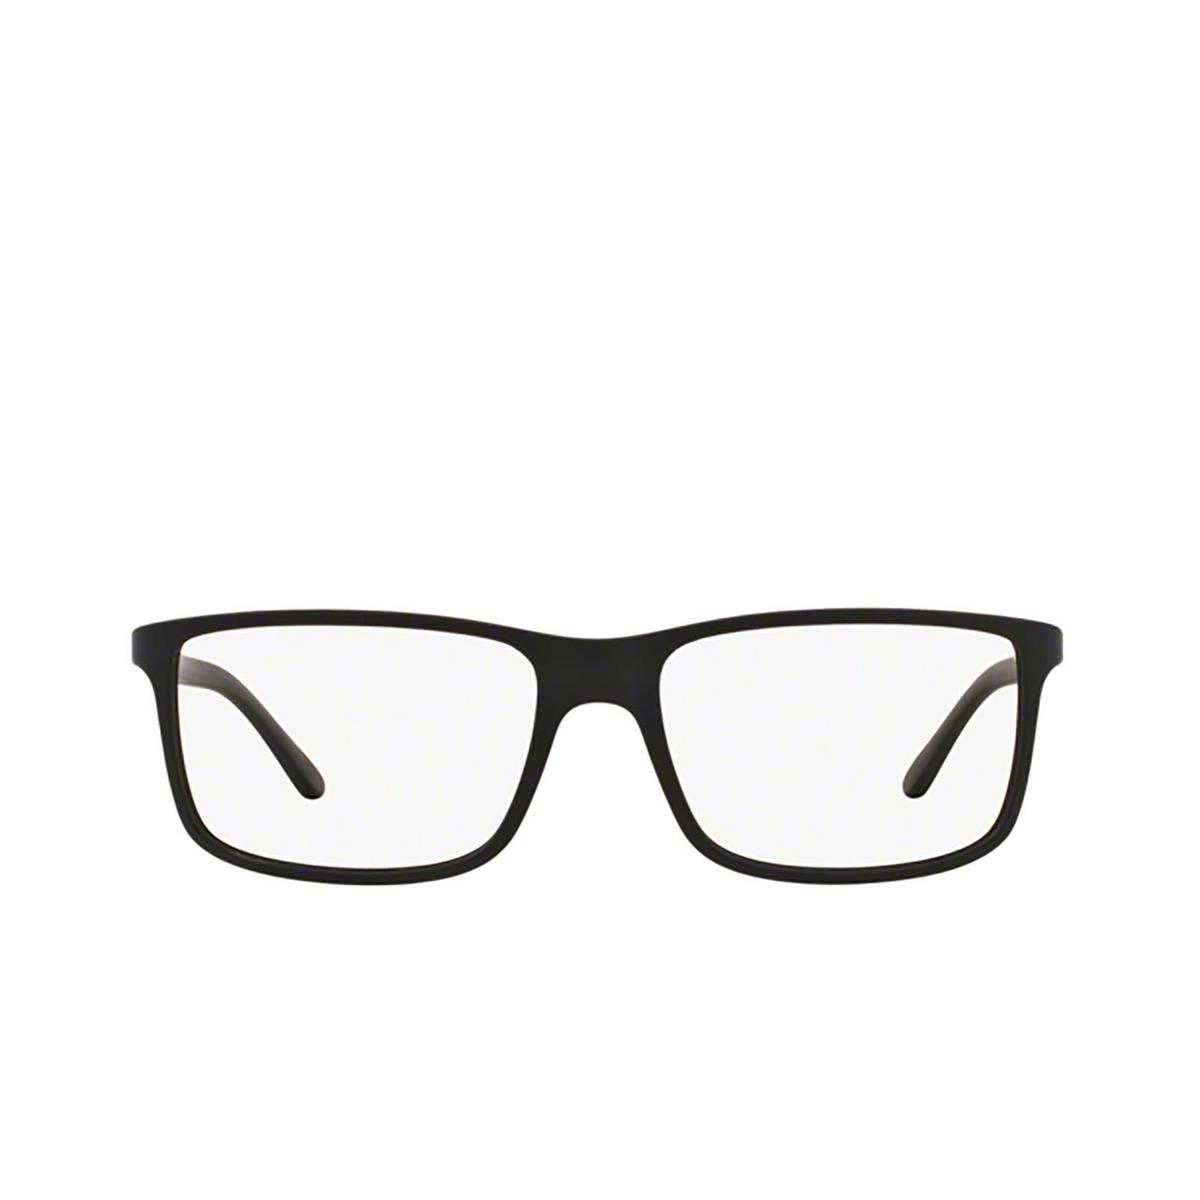 Polo Ralph Lauren® Rectangle Eyeglasses: PH2126 color Matte Black 5505 - front view.